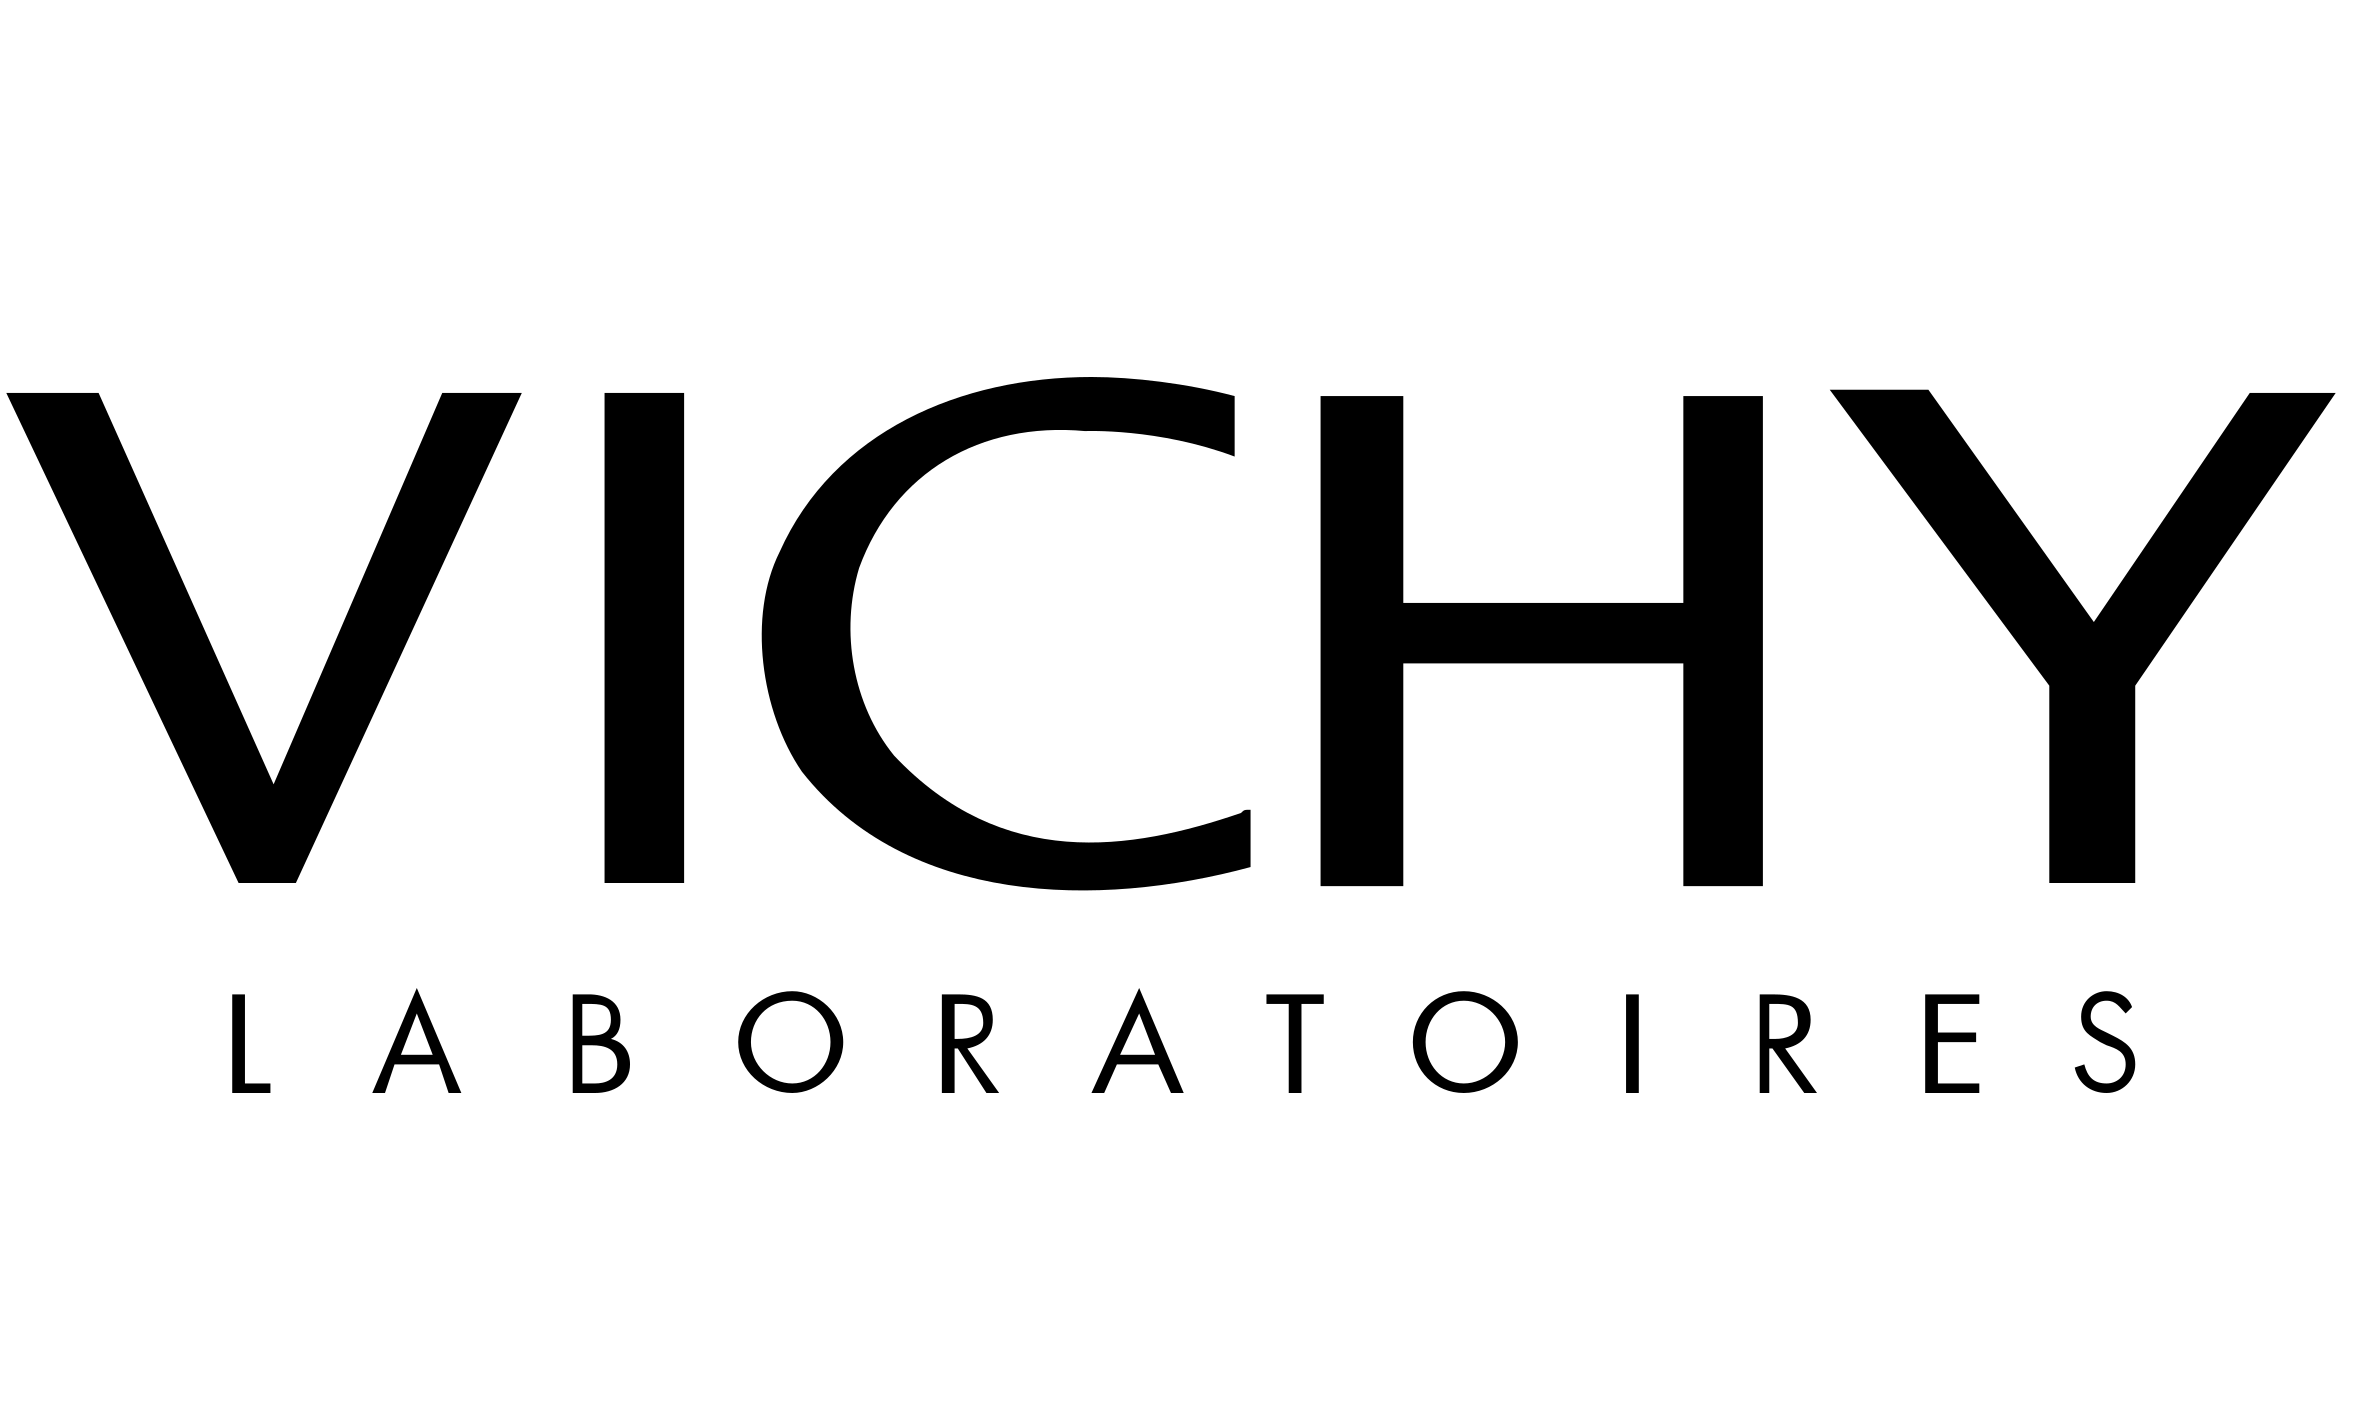 فيتشي